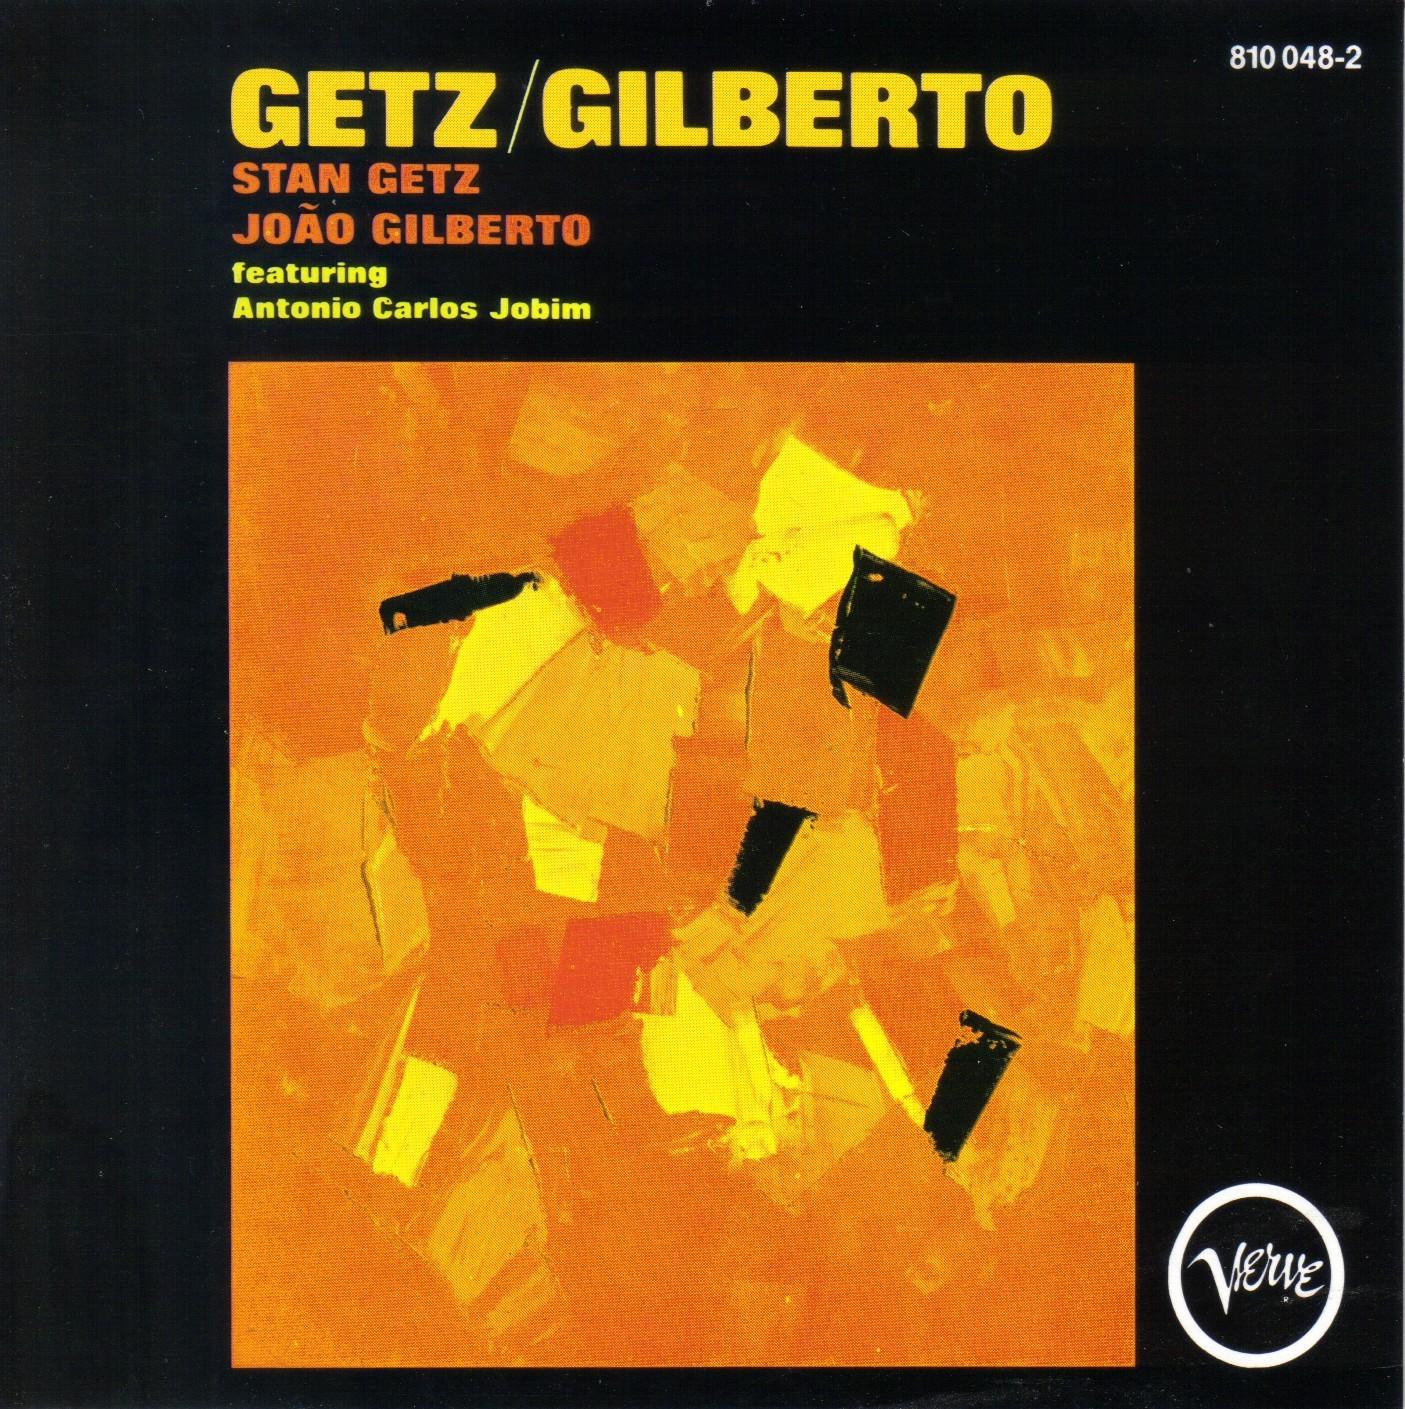 Stan Getz, João  Gilberto</br>Getz/Gilberto</br>Verve, 1964